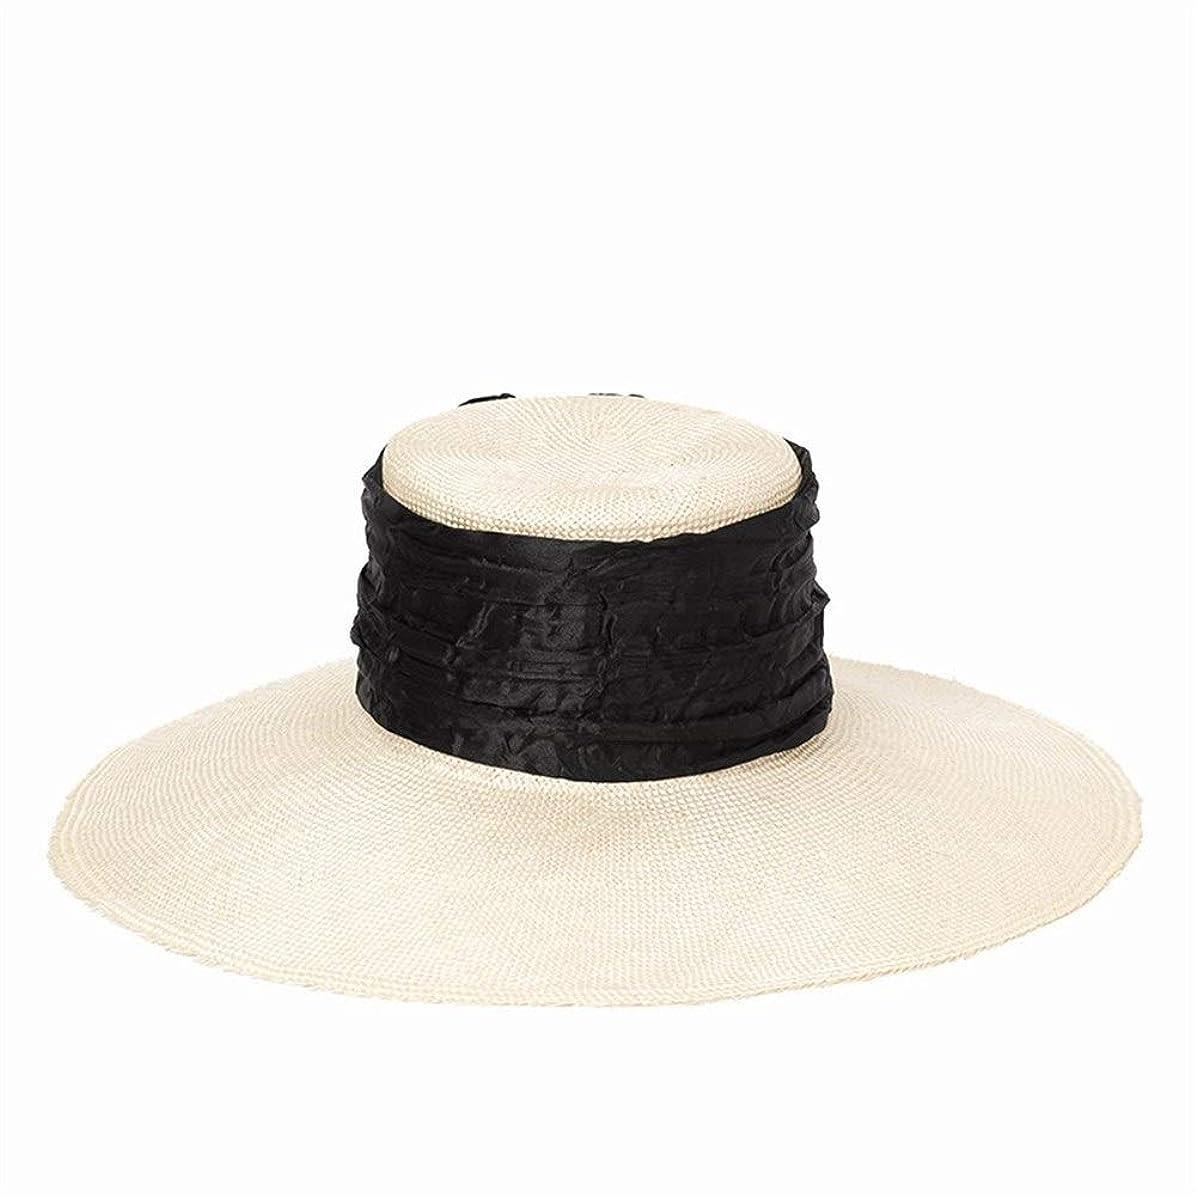 ホーン動力学のために日焼け止めサンシェードビーチ麦わら帽子とファッションシンプルなサイザル大流域型麦わら帽子の折り畳み